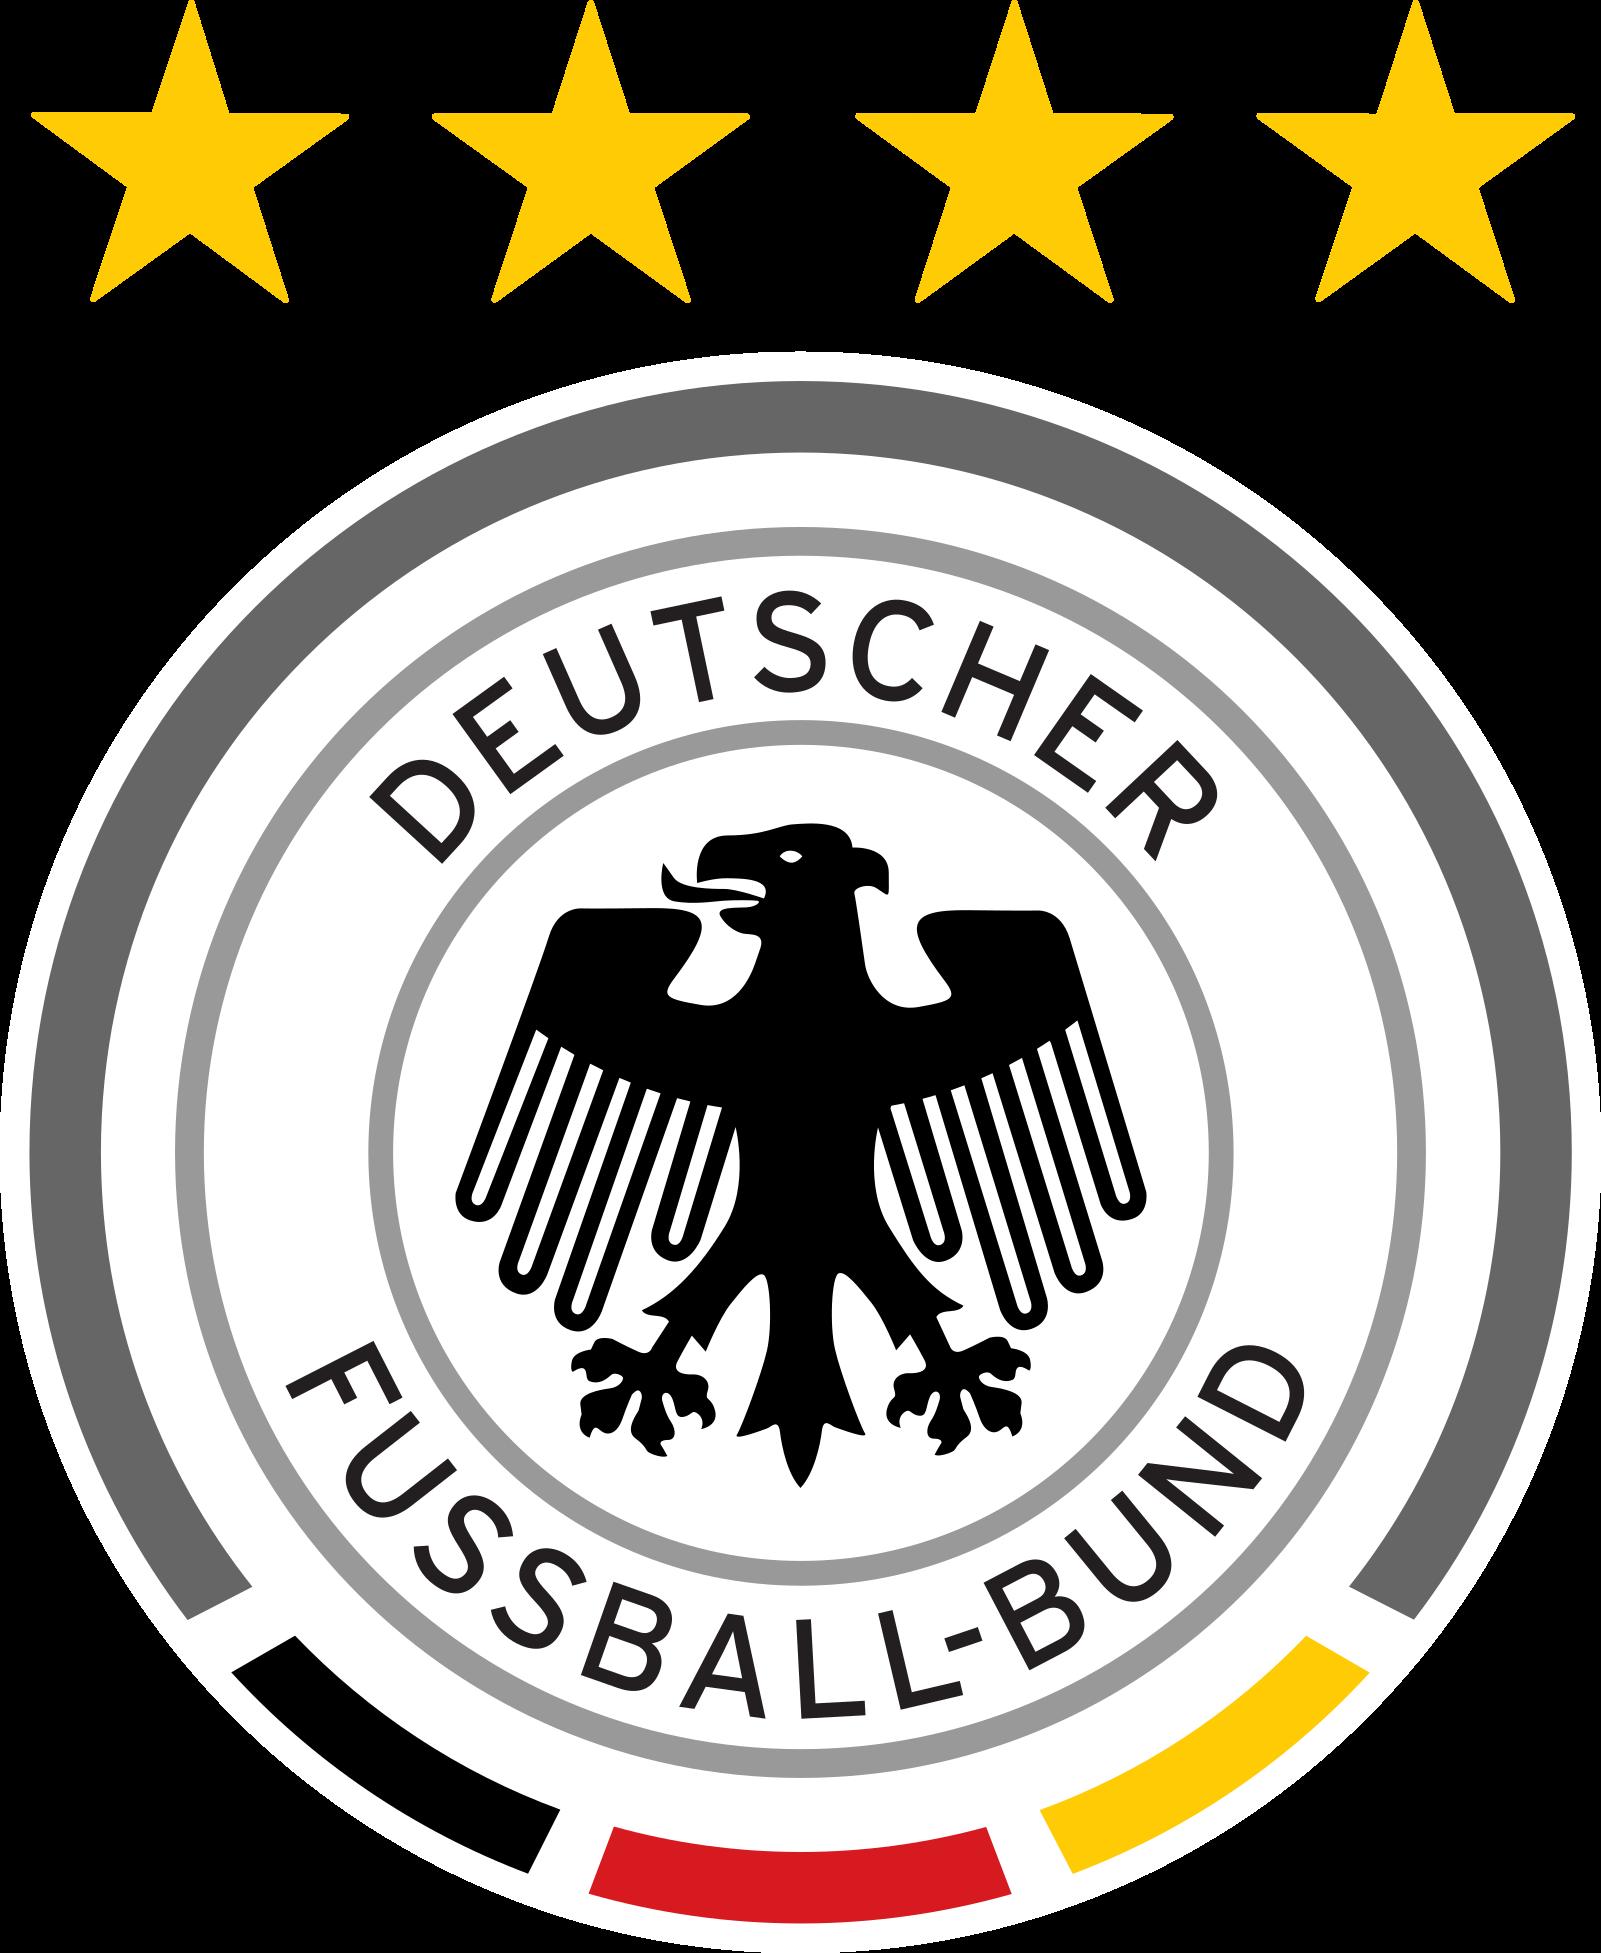 selecao alemanha logo escudo 6 - Seleção da Alemanha Logo - Escudo